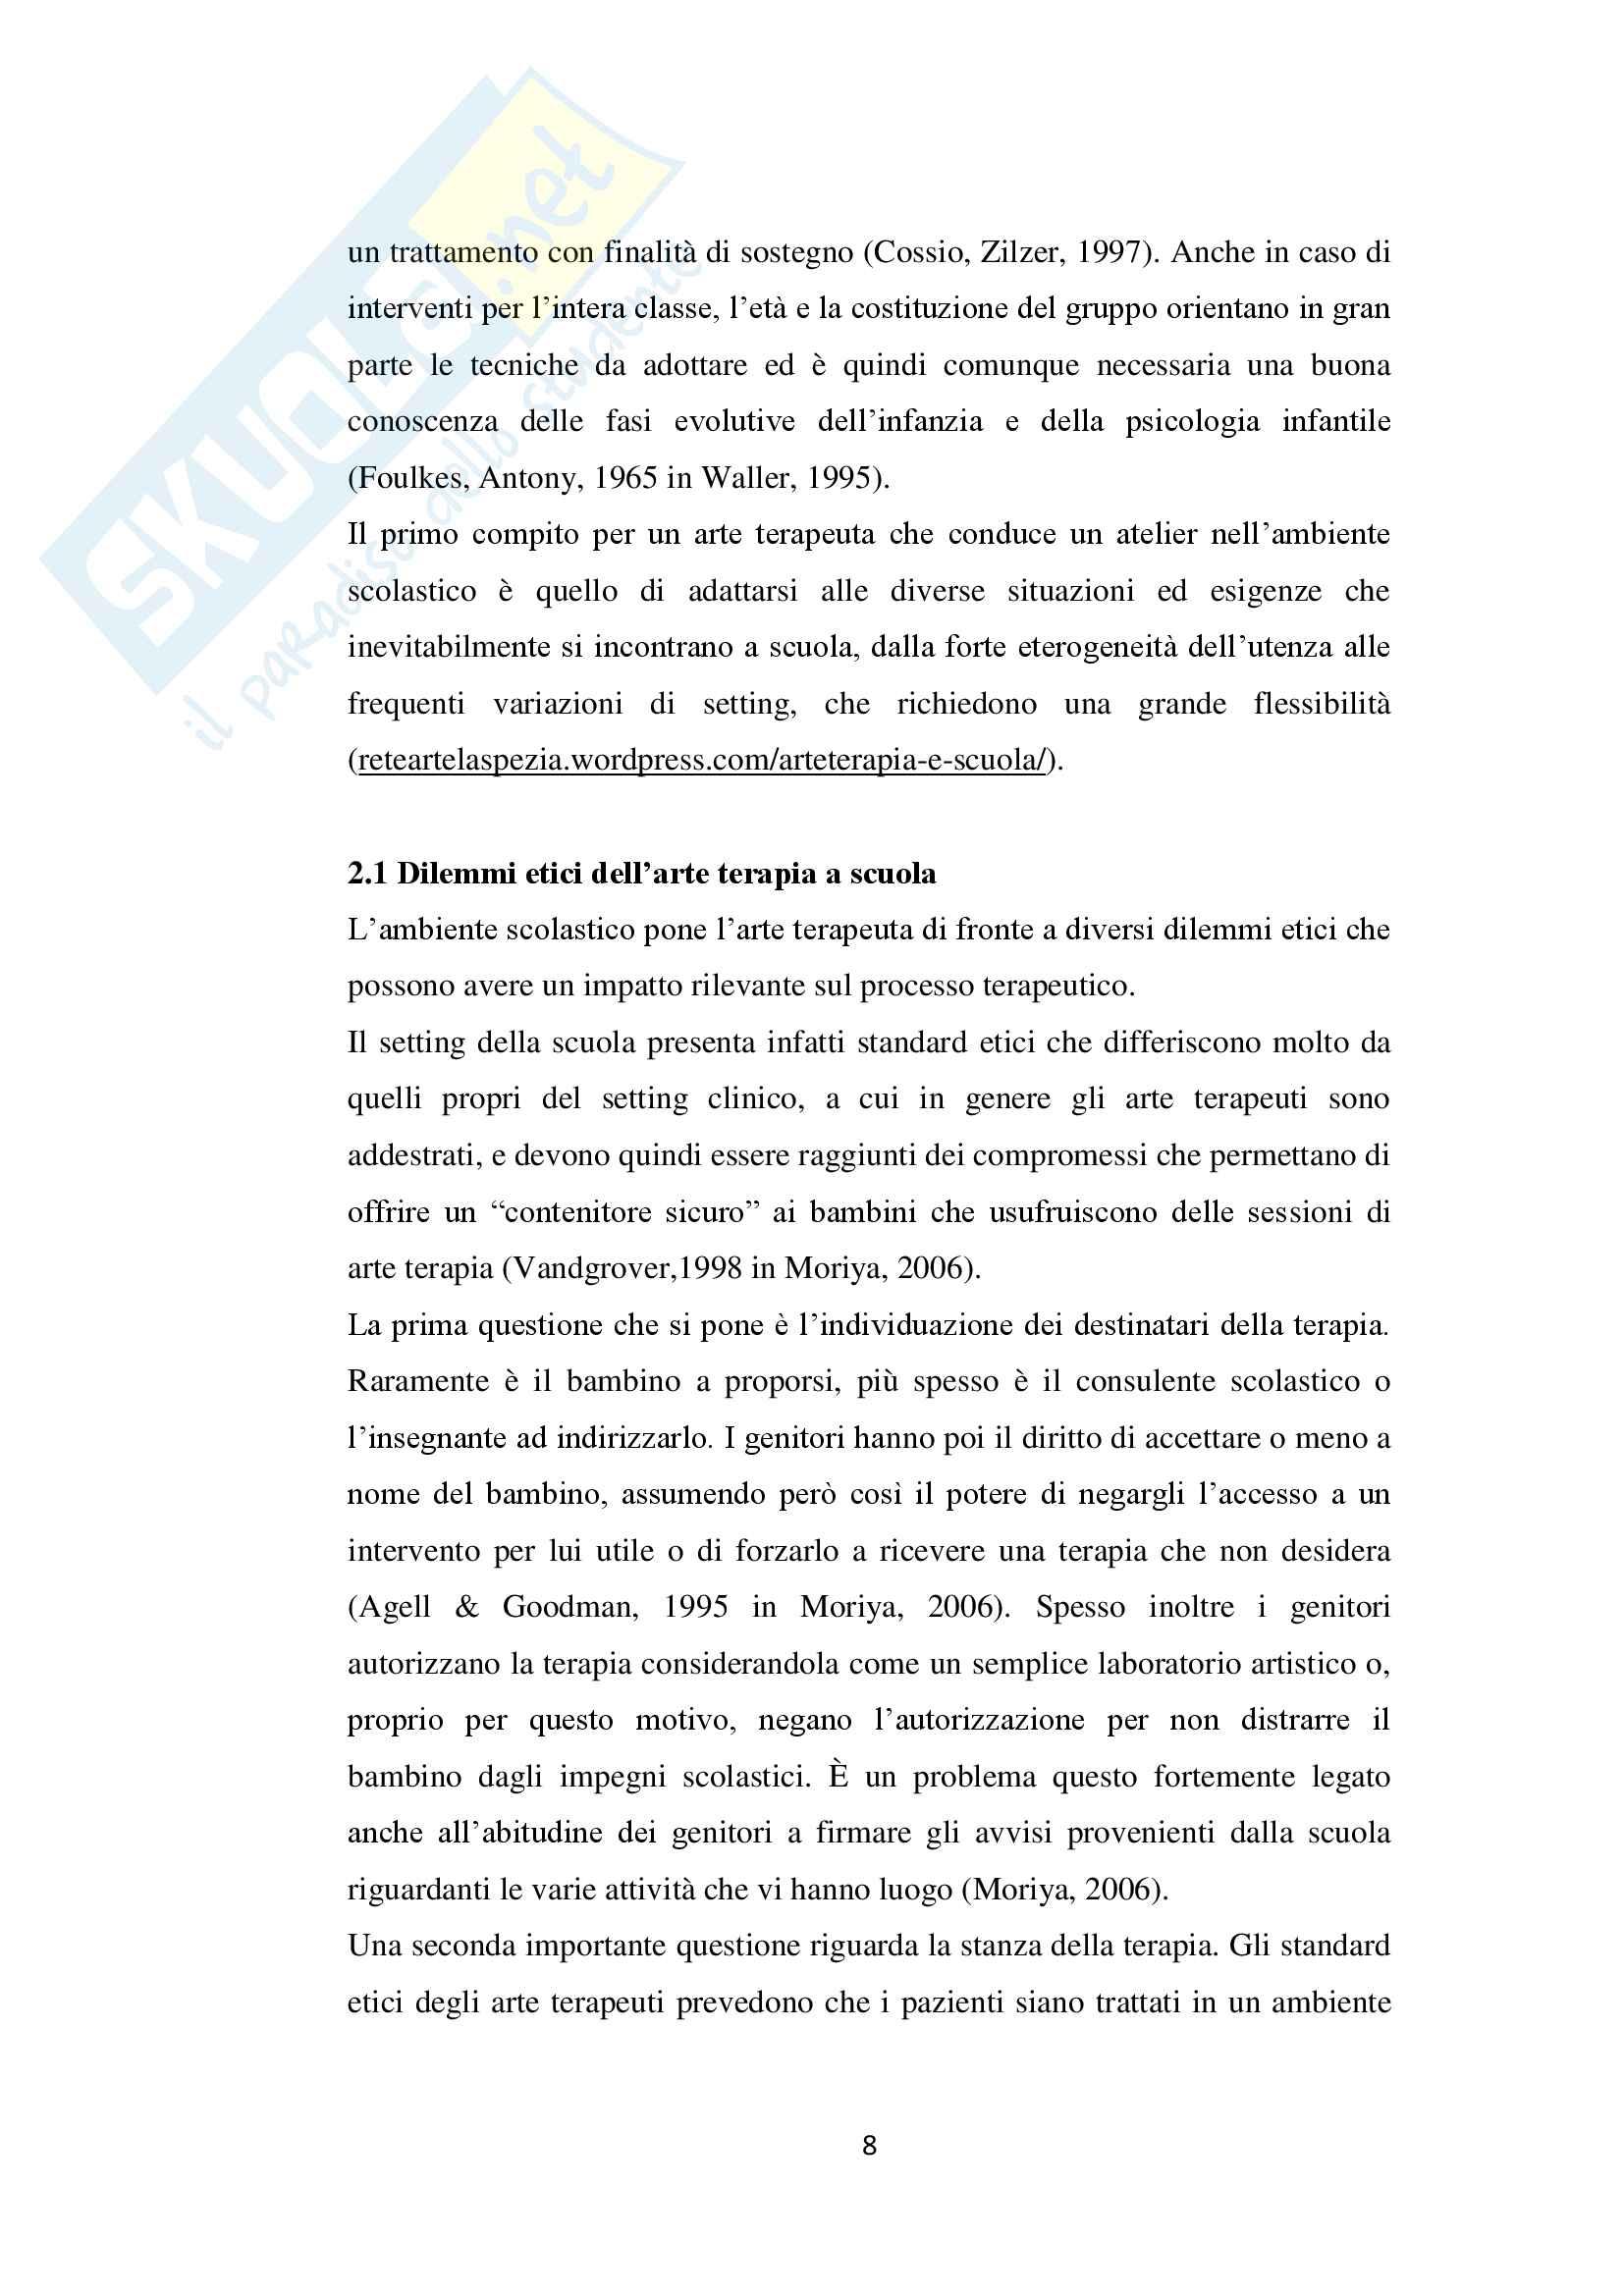 Tesi sull'arteterapia e le sue applicazioni in ambito scolastico Pag. 11